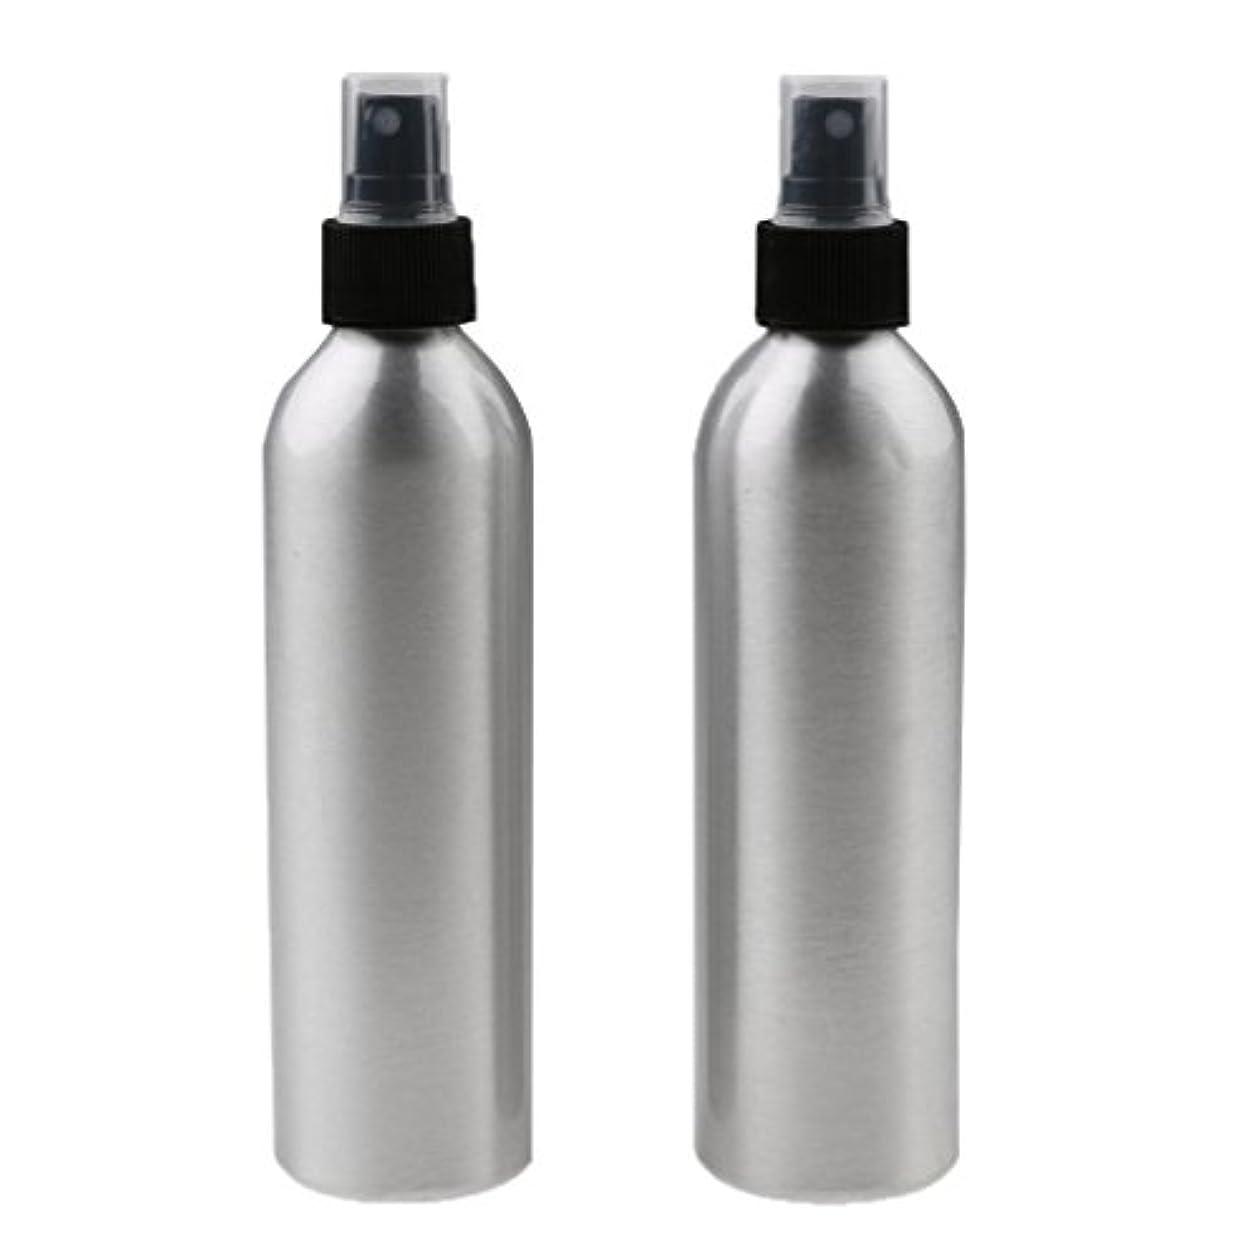 印象シェルター置き場Kesoto 2個入り 旅行 アルミ ミスト スプレー 香水ボトル メイクアップ スプレー アトマイザー 女性用 美容 小物 軽量 持ち運び便利 全4サイズ - 100ml